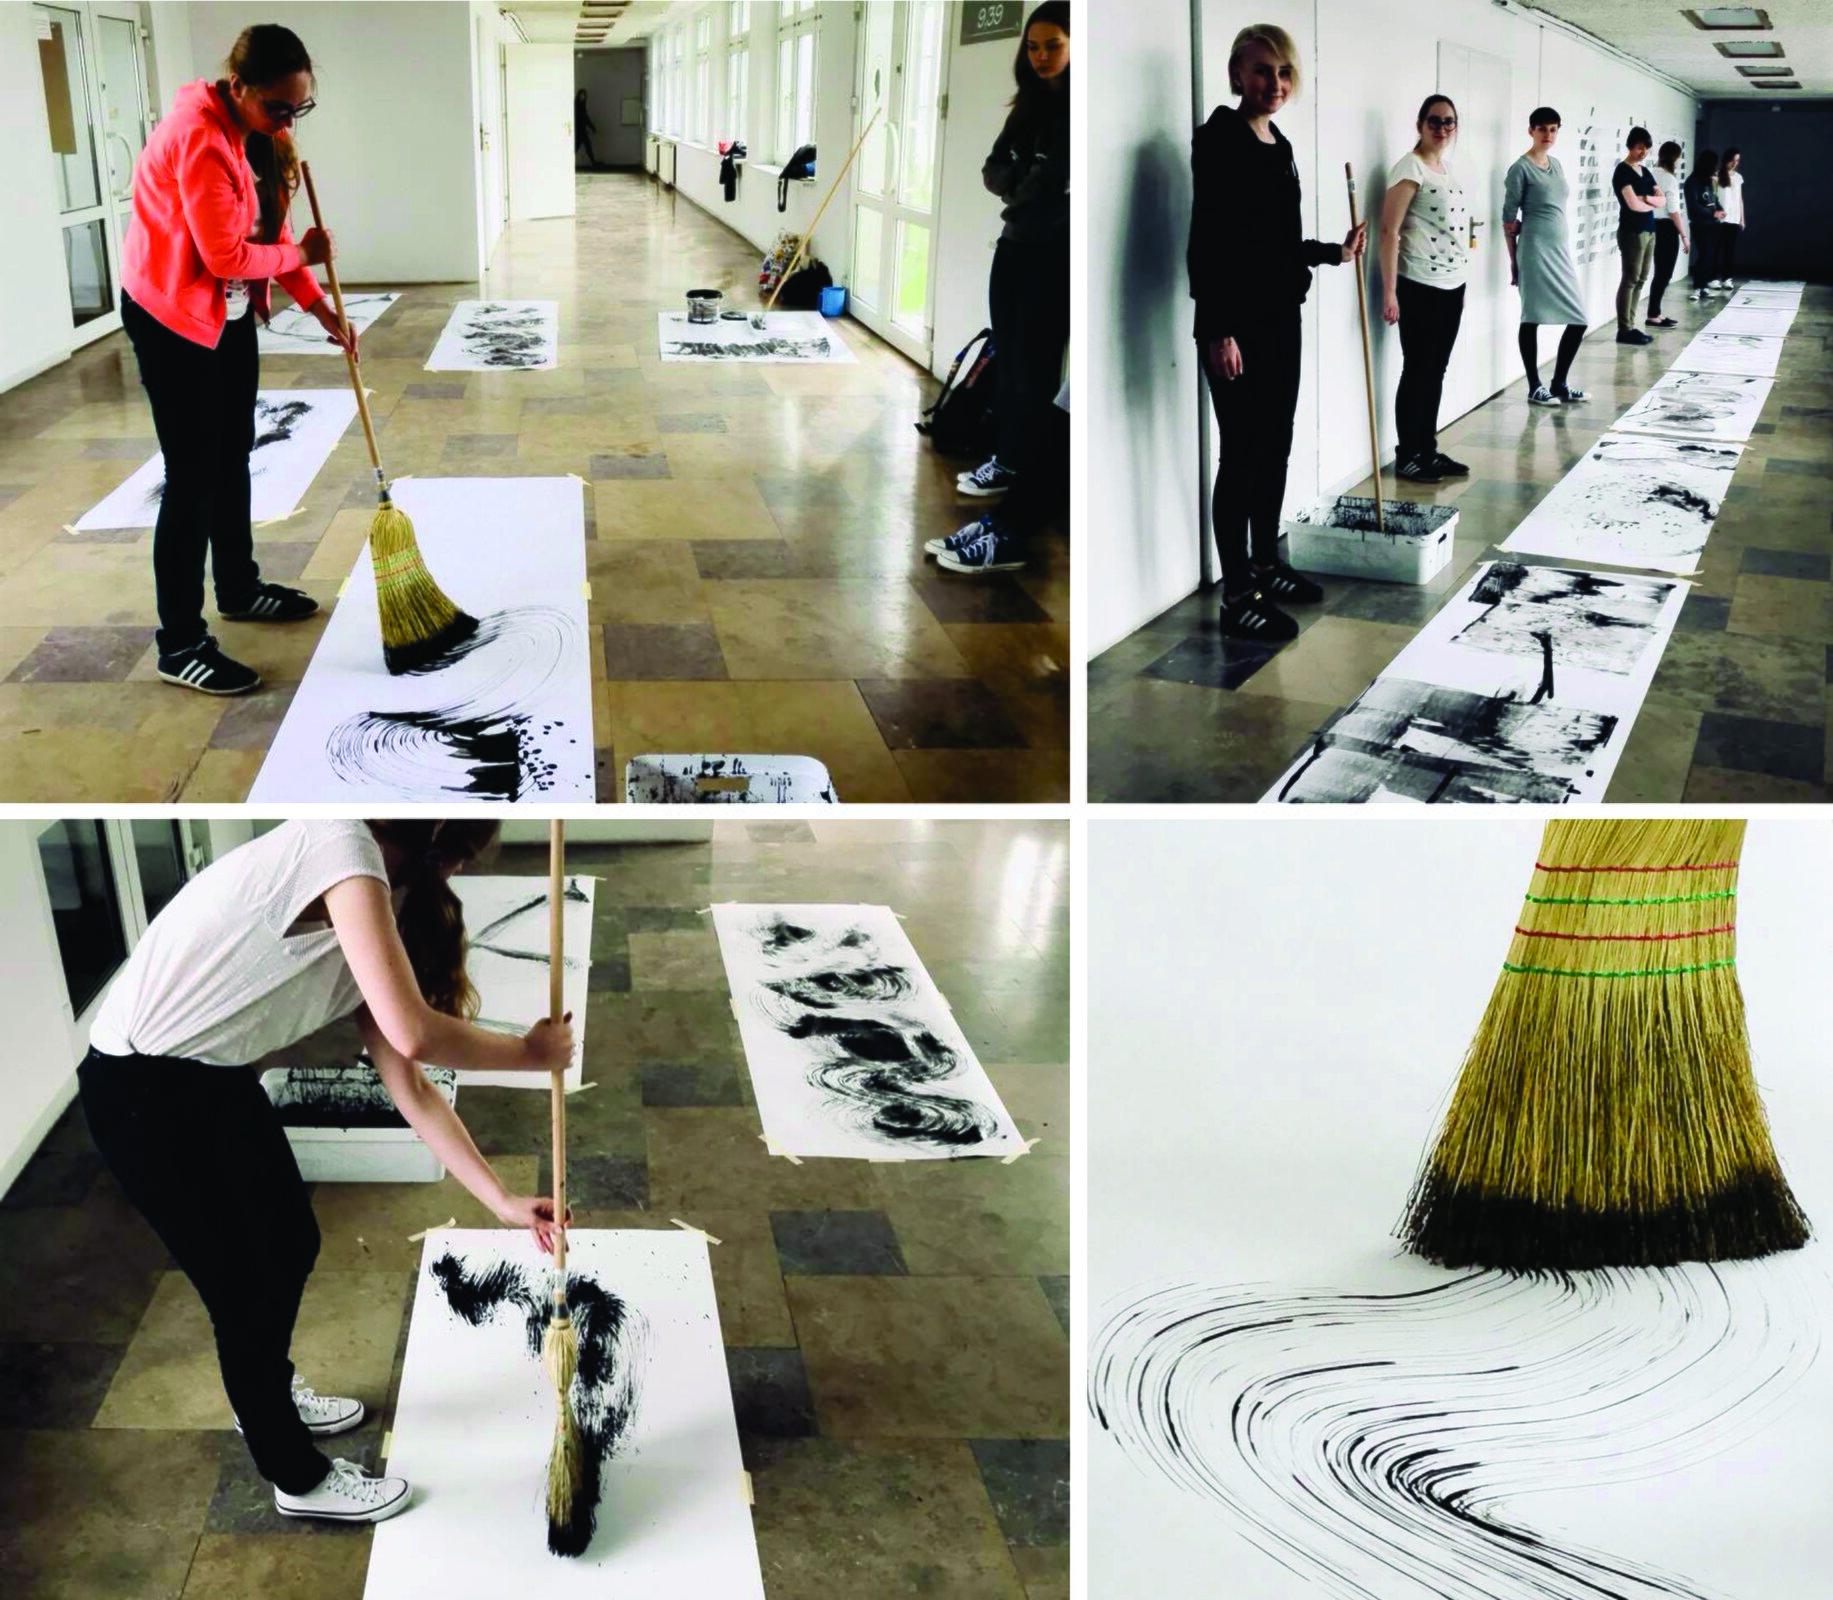 Ilustracja przedstawiająca studentów tworzących pracę plastyczną za pomocą miotły.